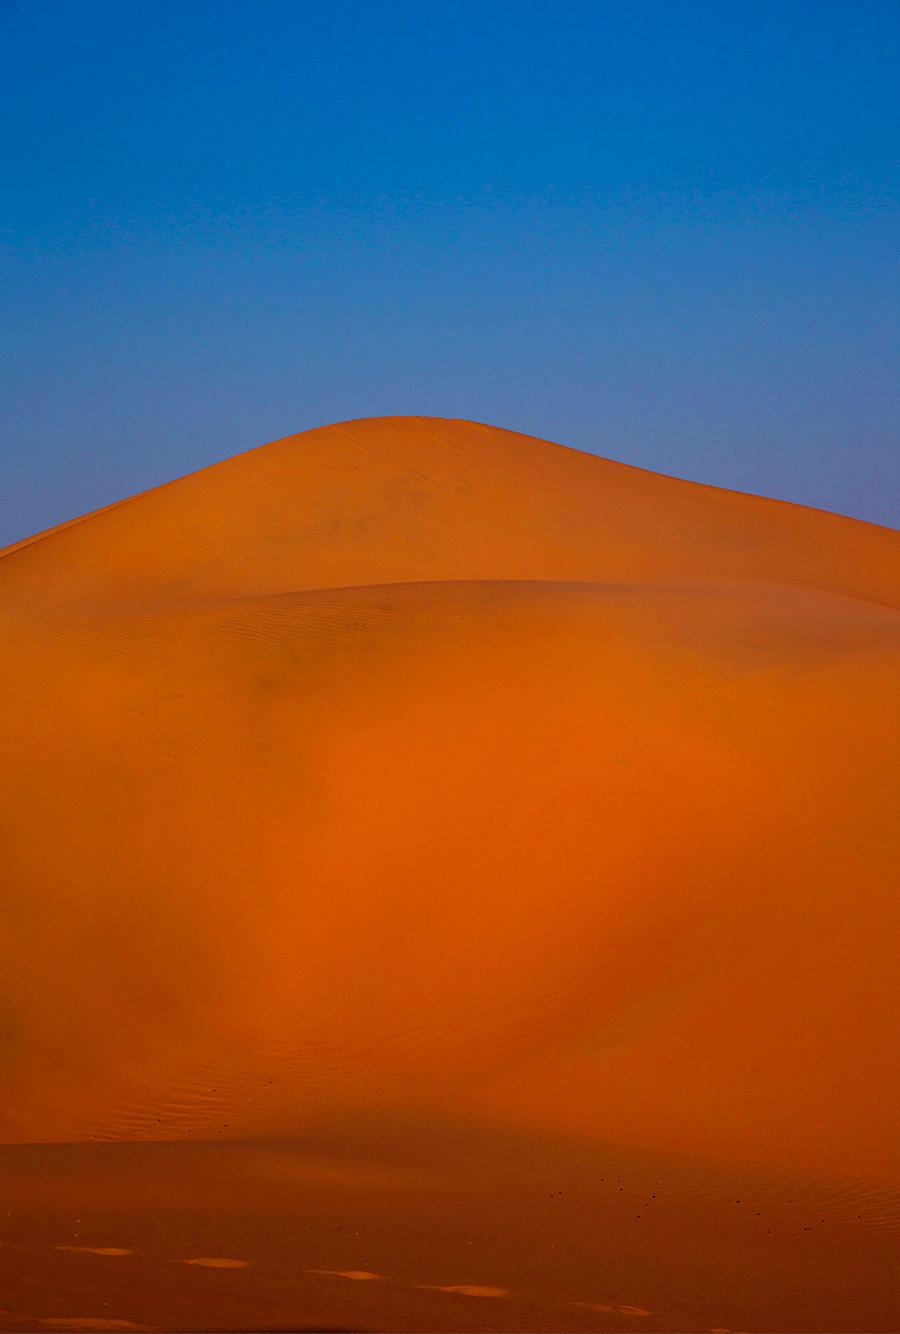 Dune Oh